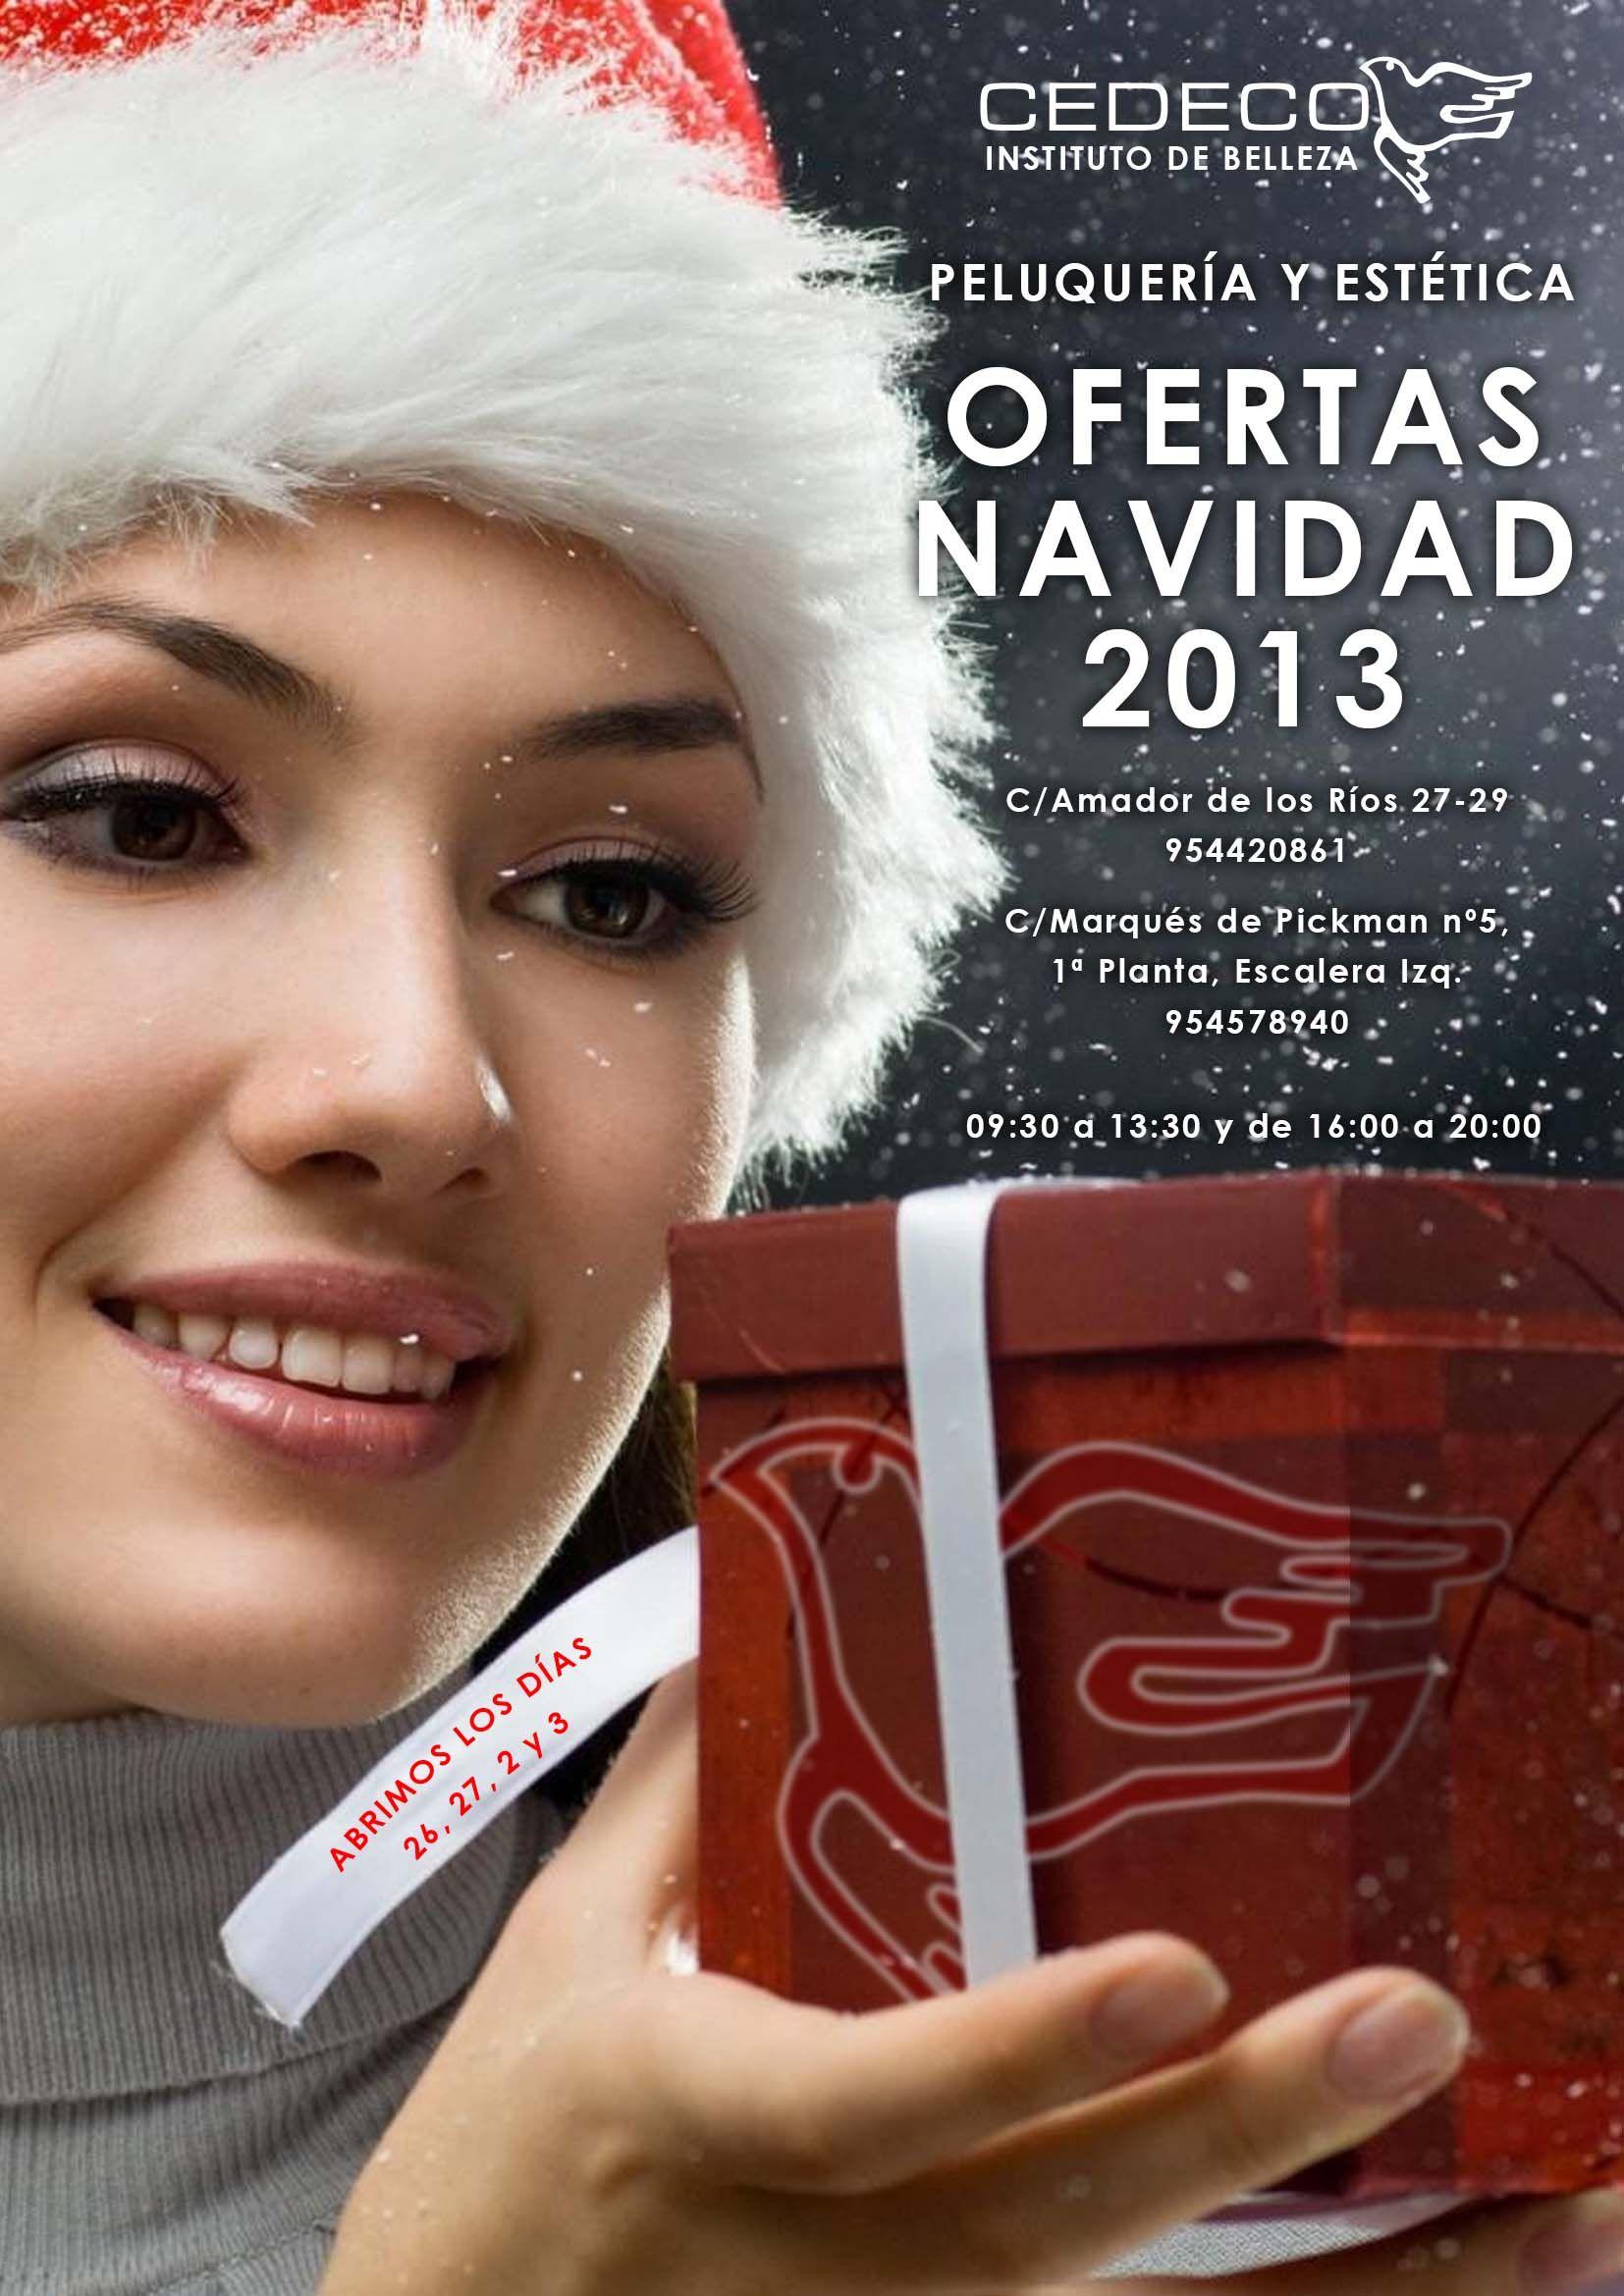 Portada Catálogo Regalos De Navidad De Peluquería Y Estética De Cedeco Estetica Peluqueria Belleza